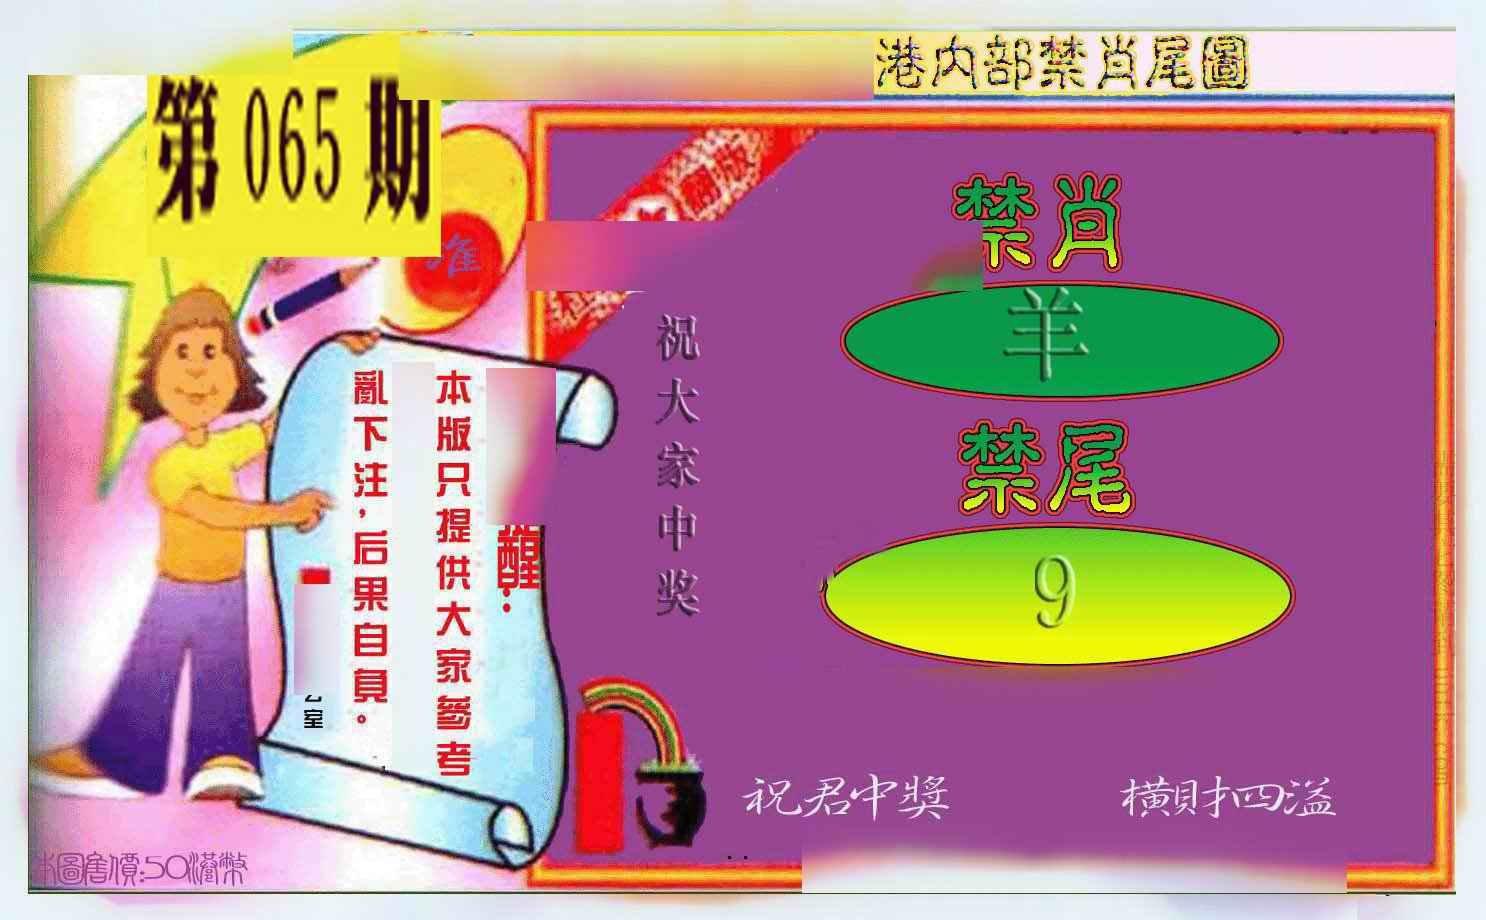 065期禁肖-禁尾图